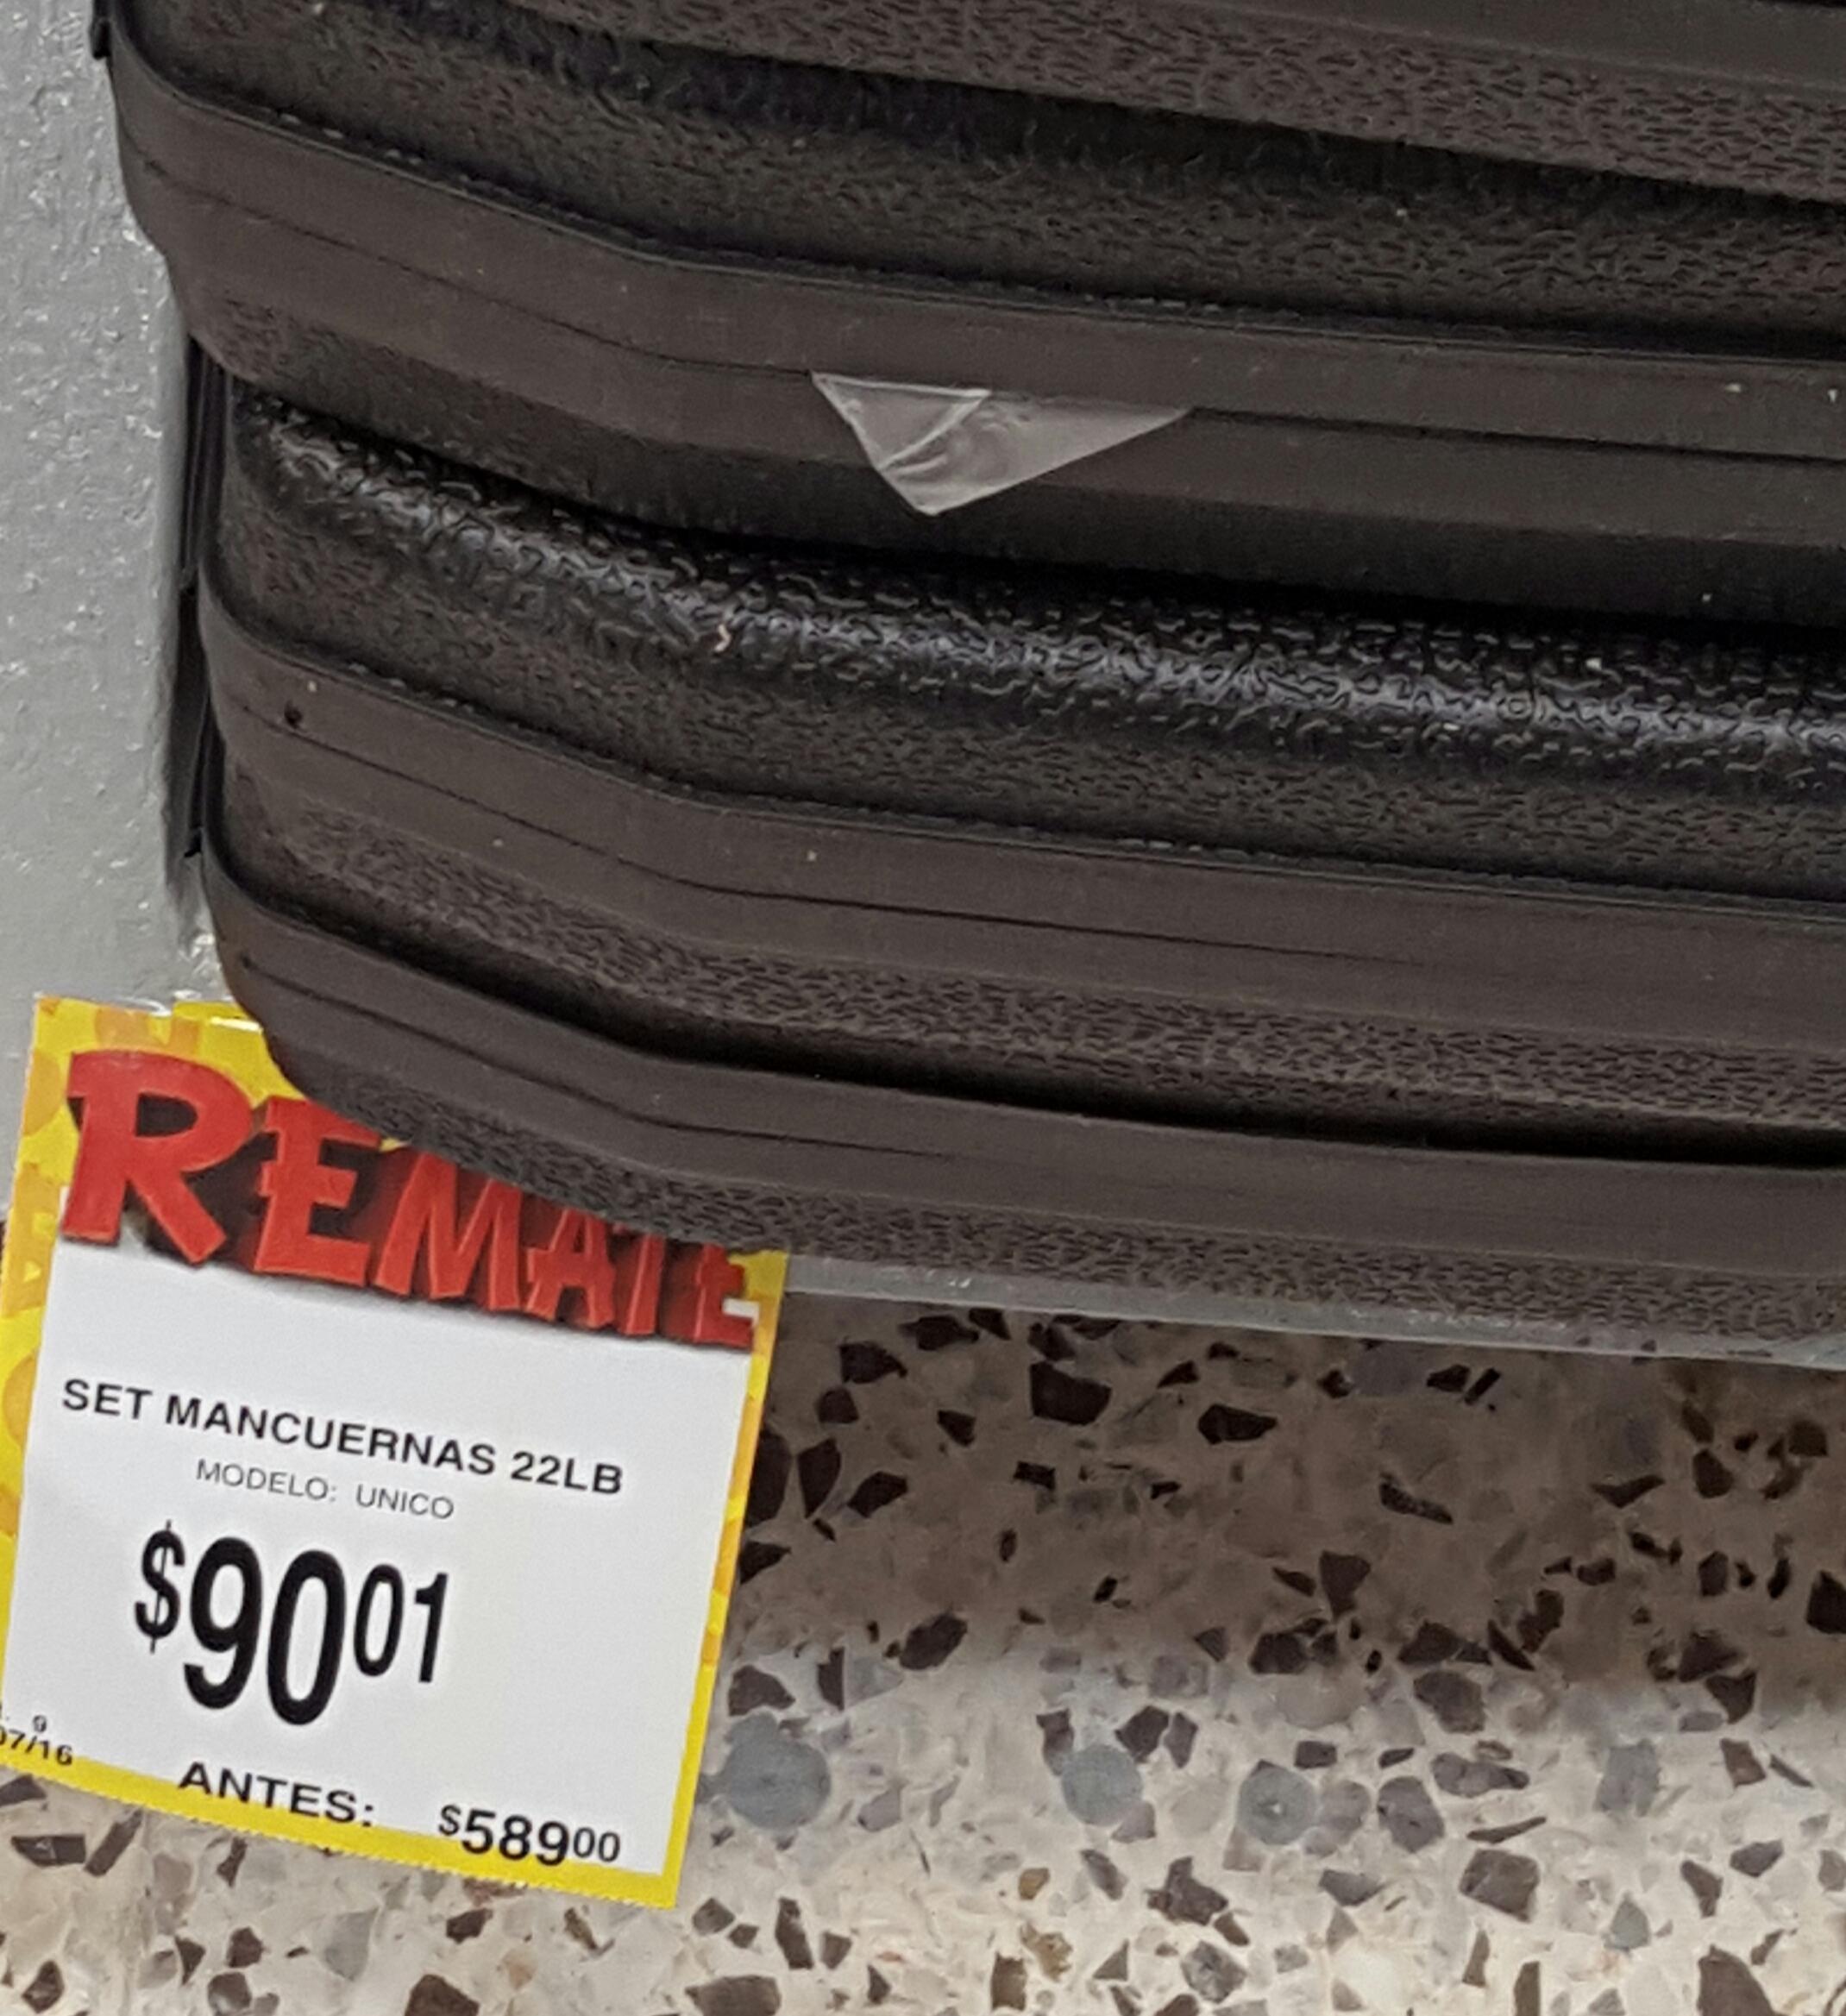 Bodega Aurrerá 1ro de mayo: mancuerna  de 22 libras a $90.01